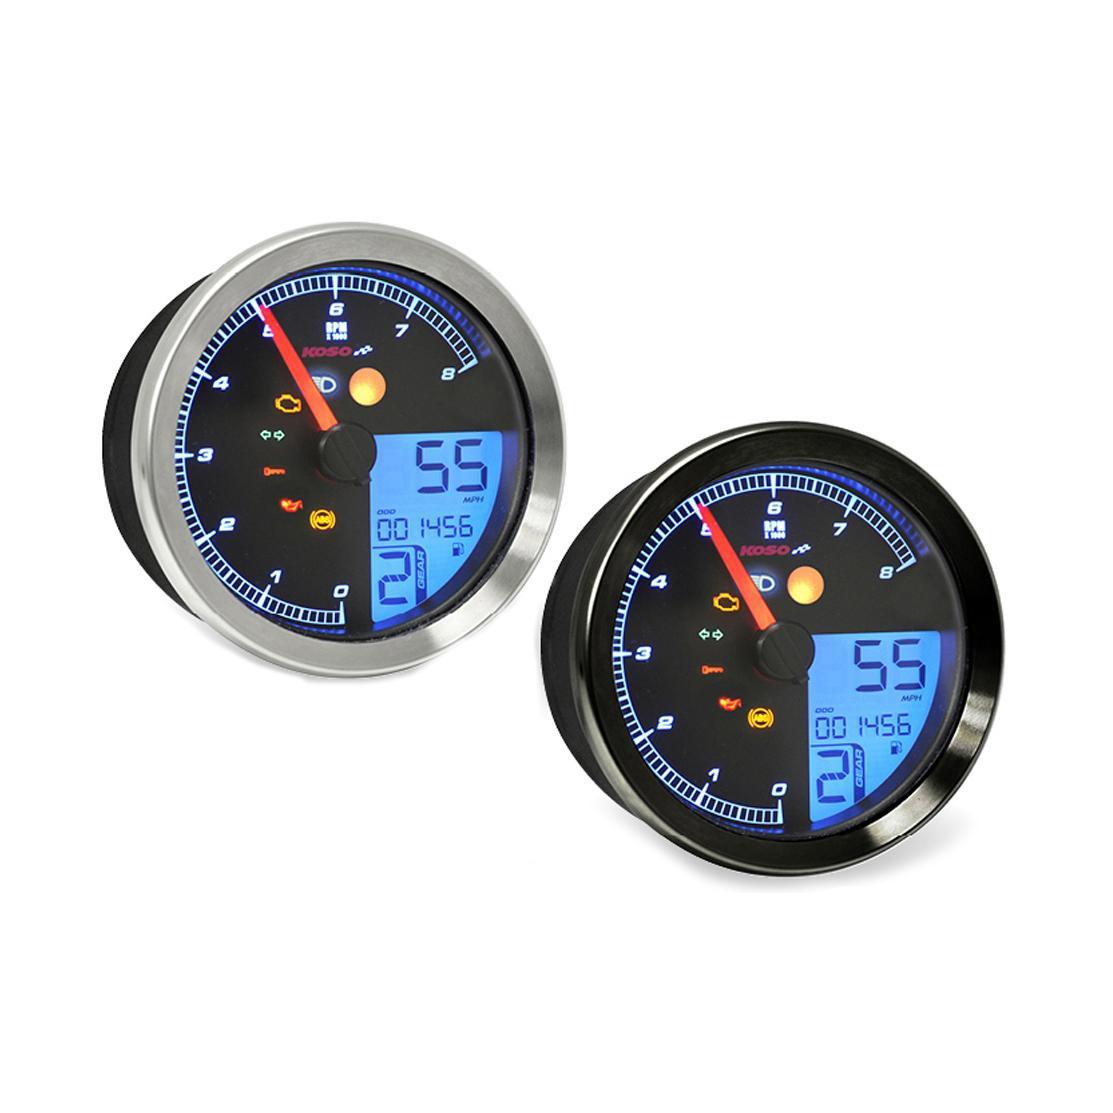 Compteur de vitesse Koso HD-02S chromé